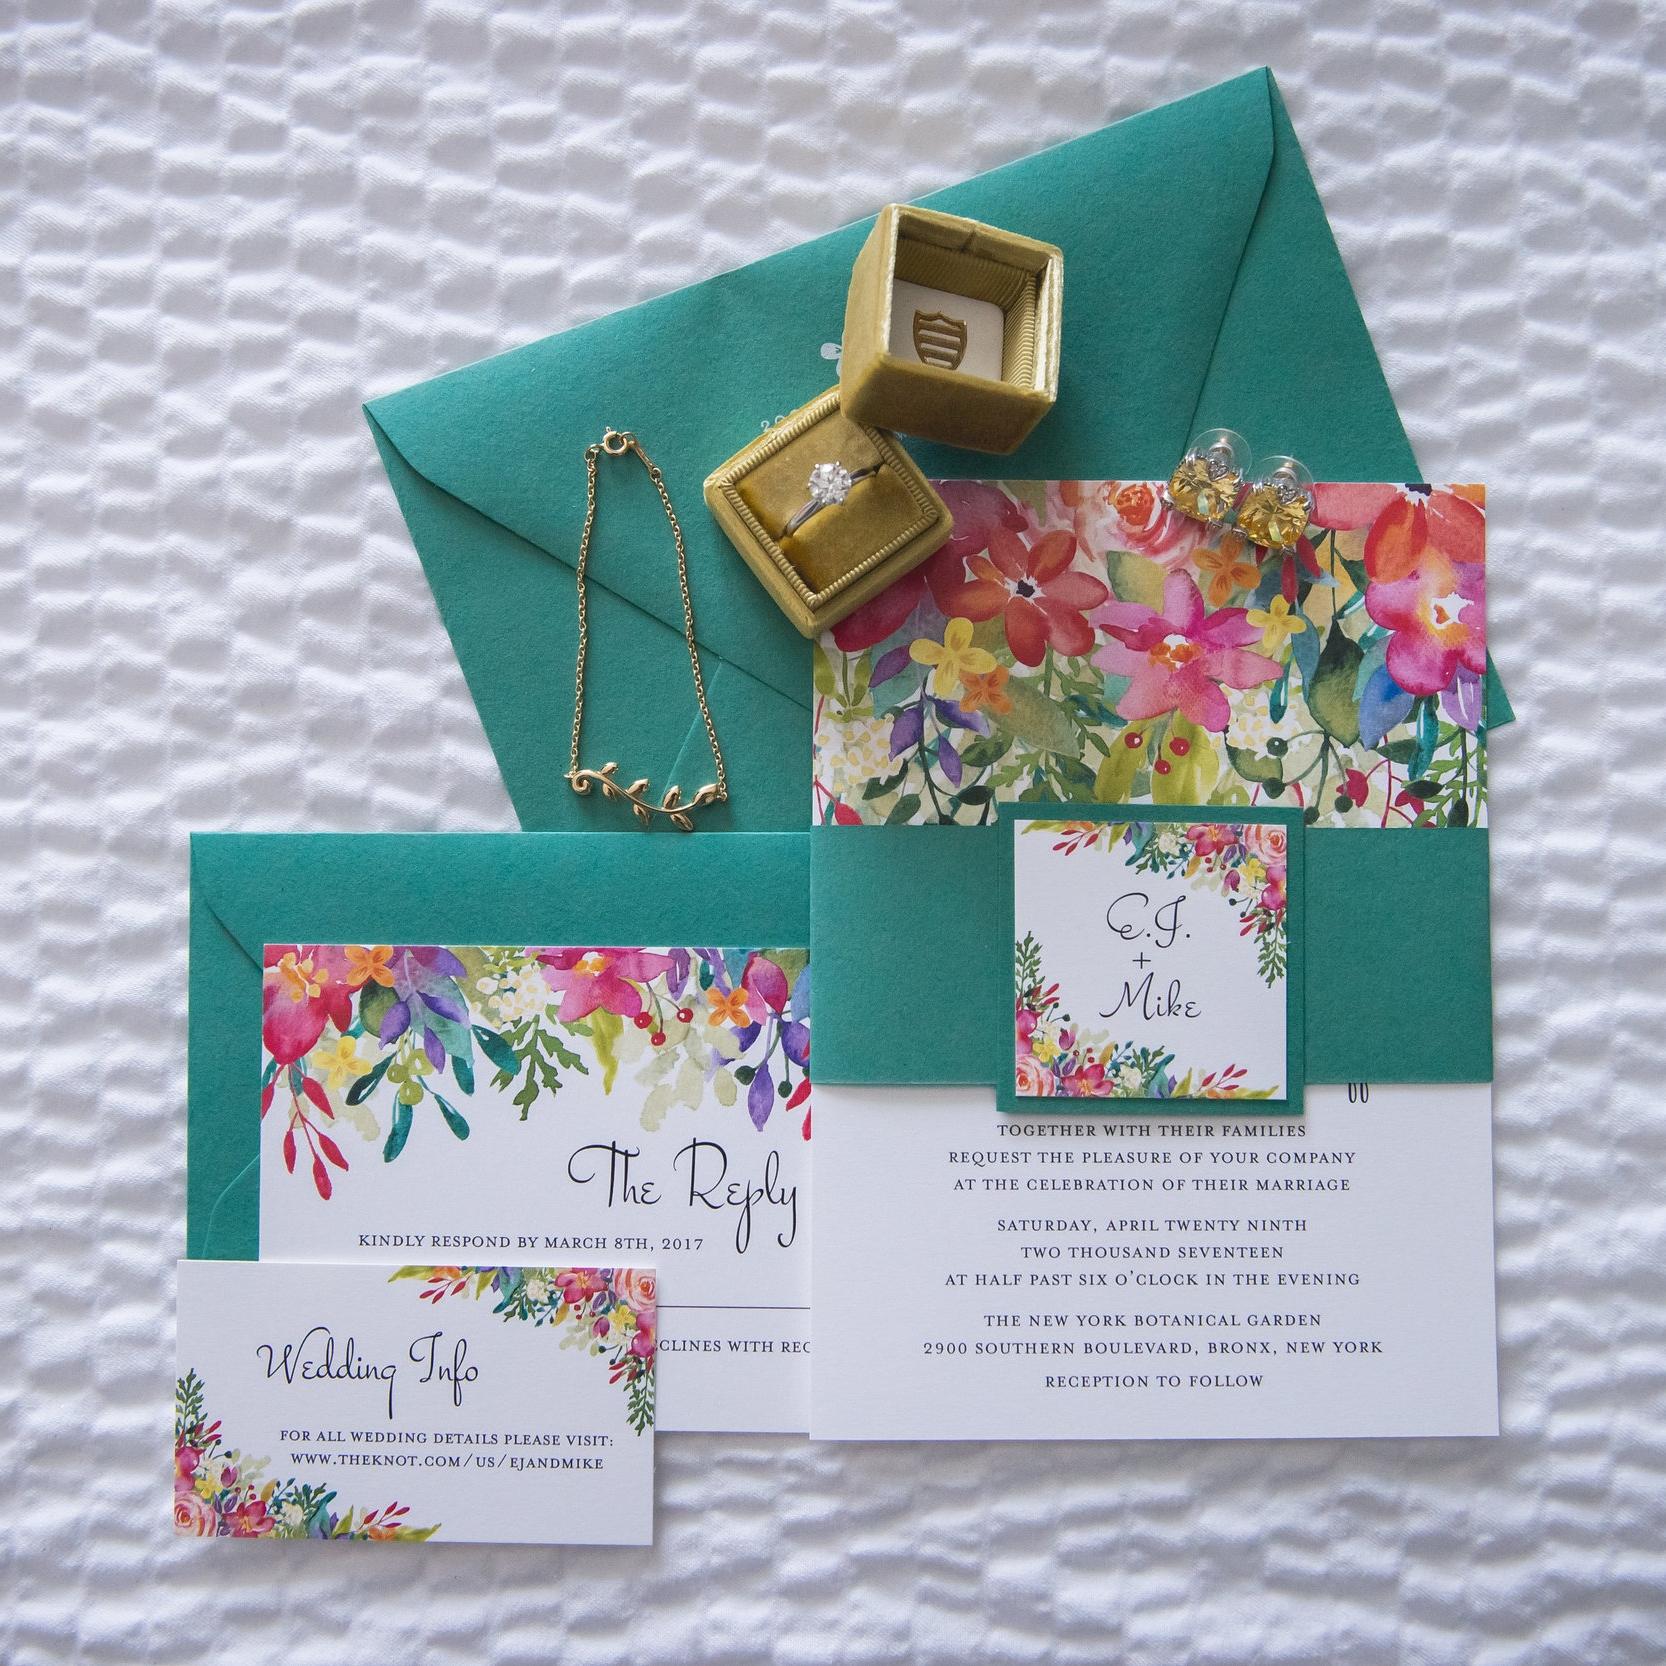 Watercolor invitation suite. Photo by Heartfelt Studios.